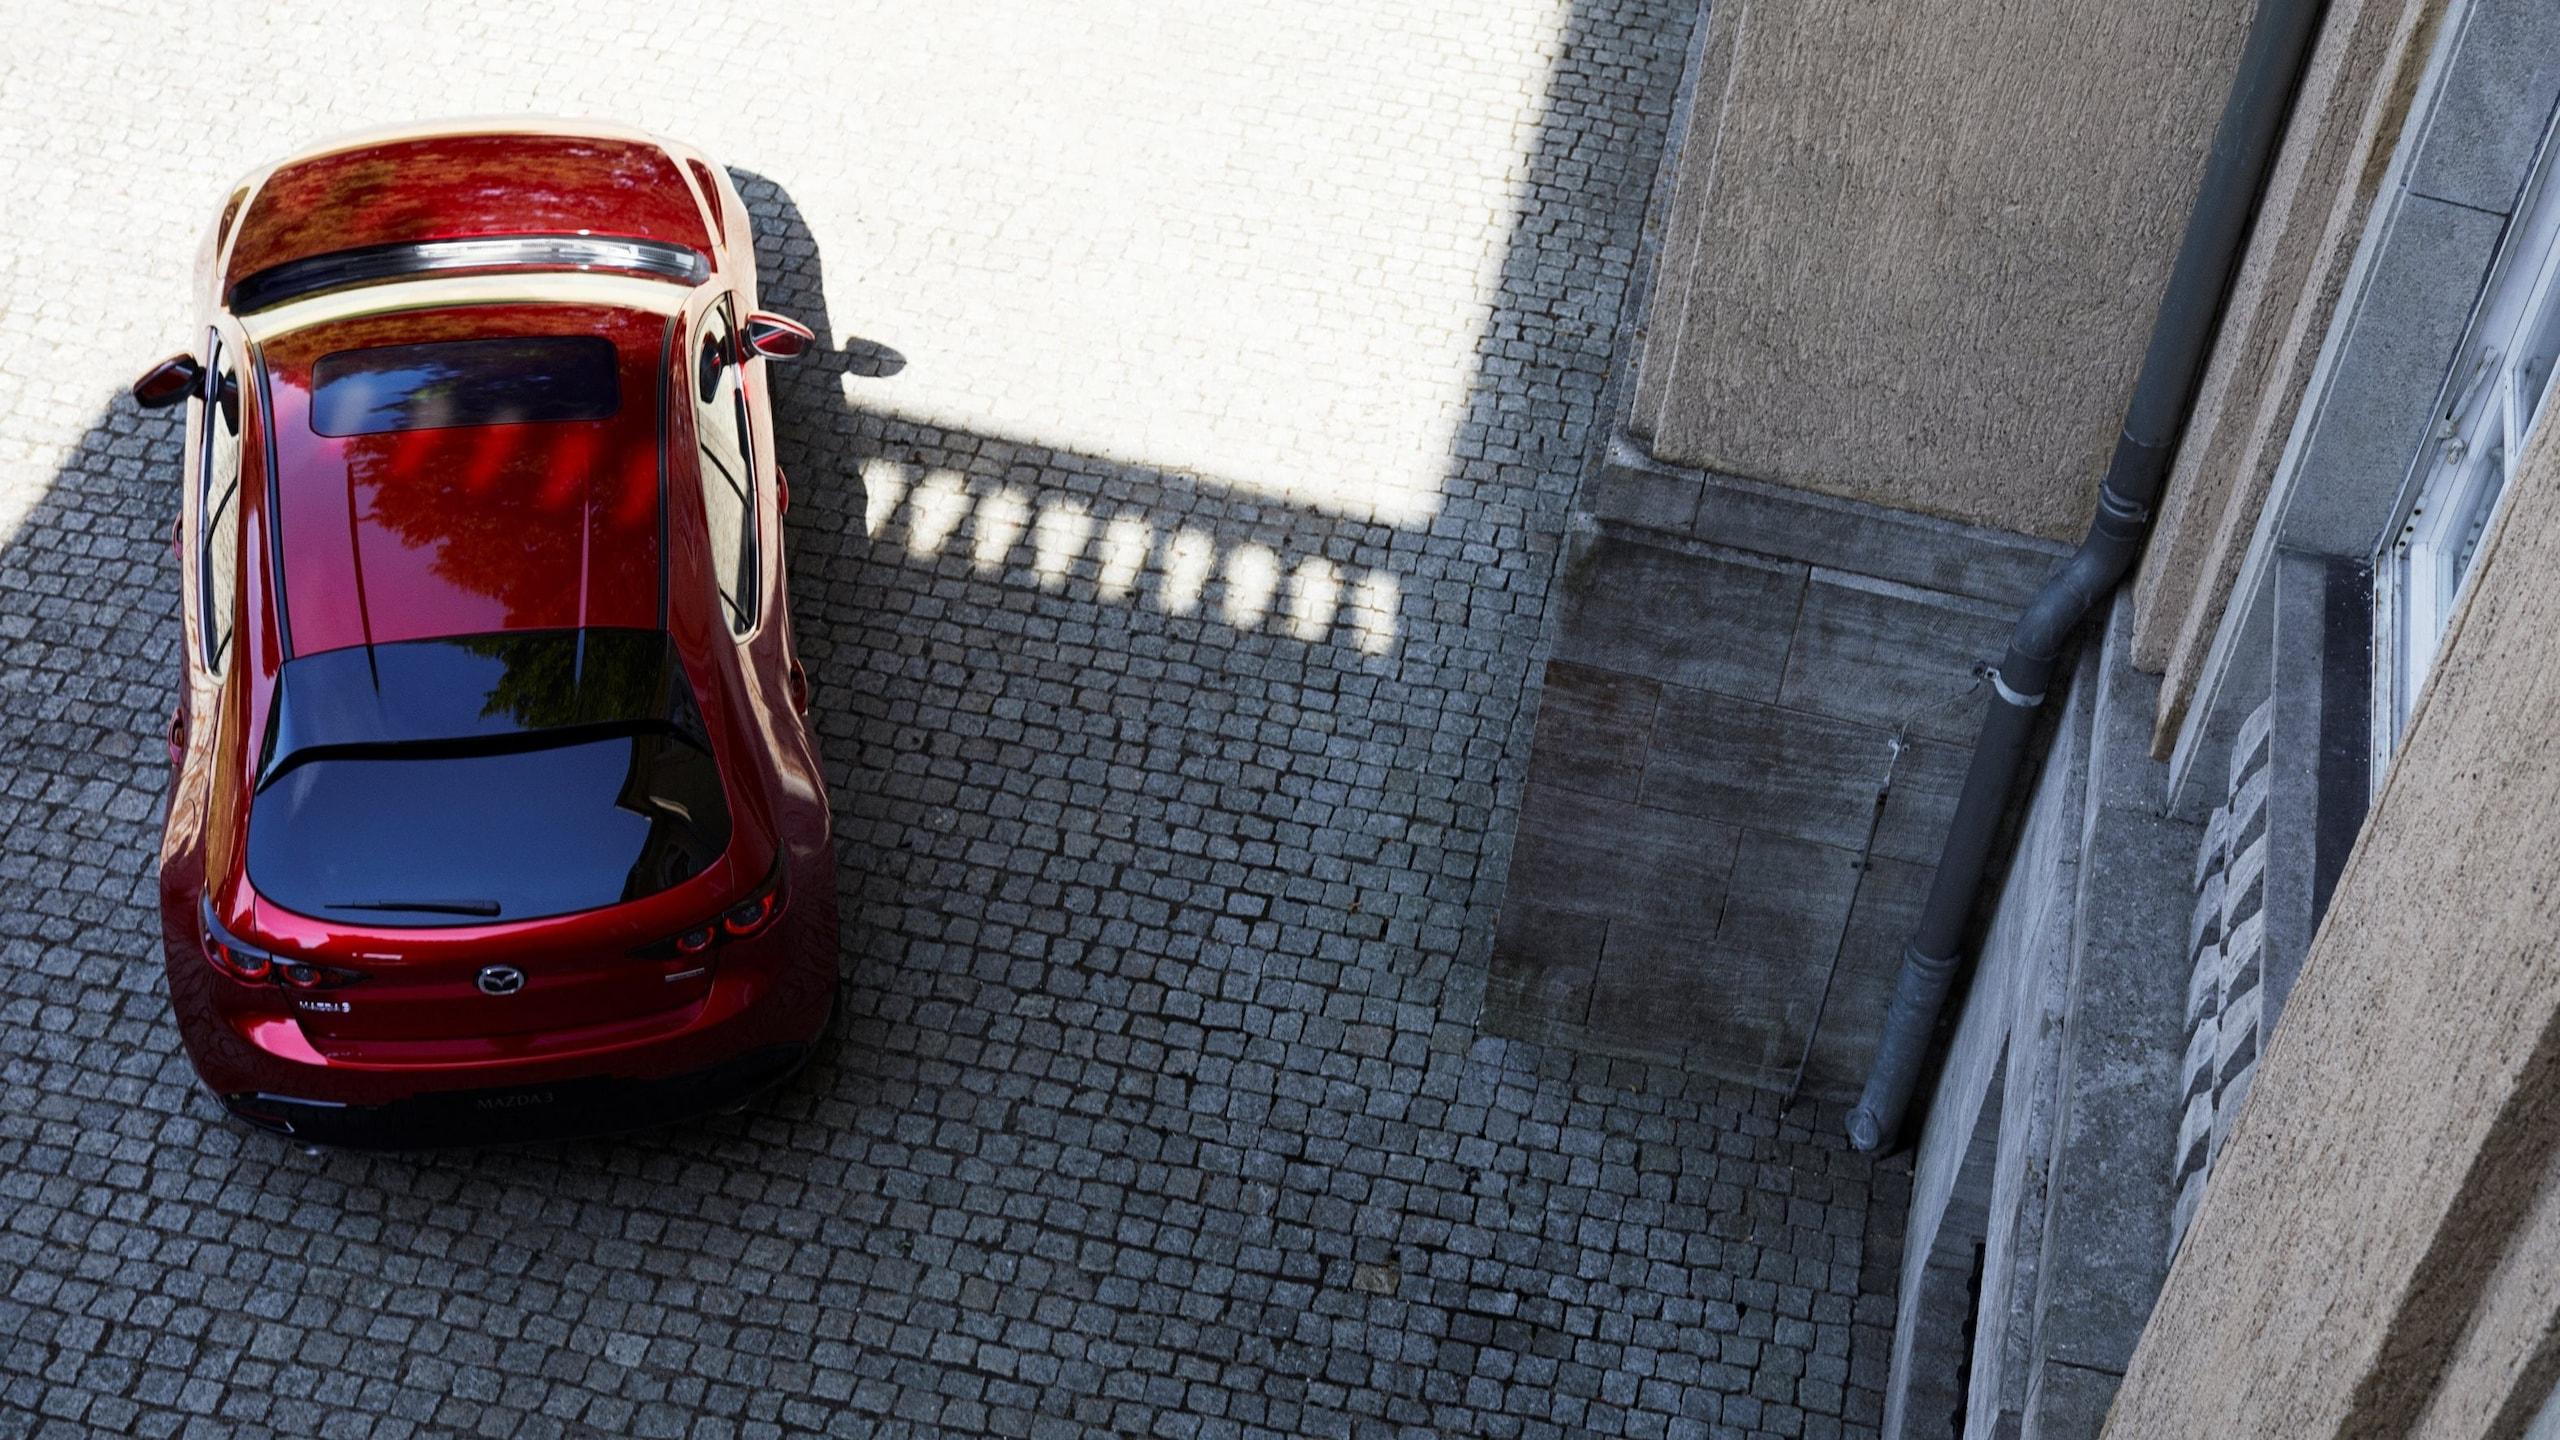 Mazda3 MY 2021, come cambia la compatta giapponese